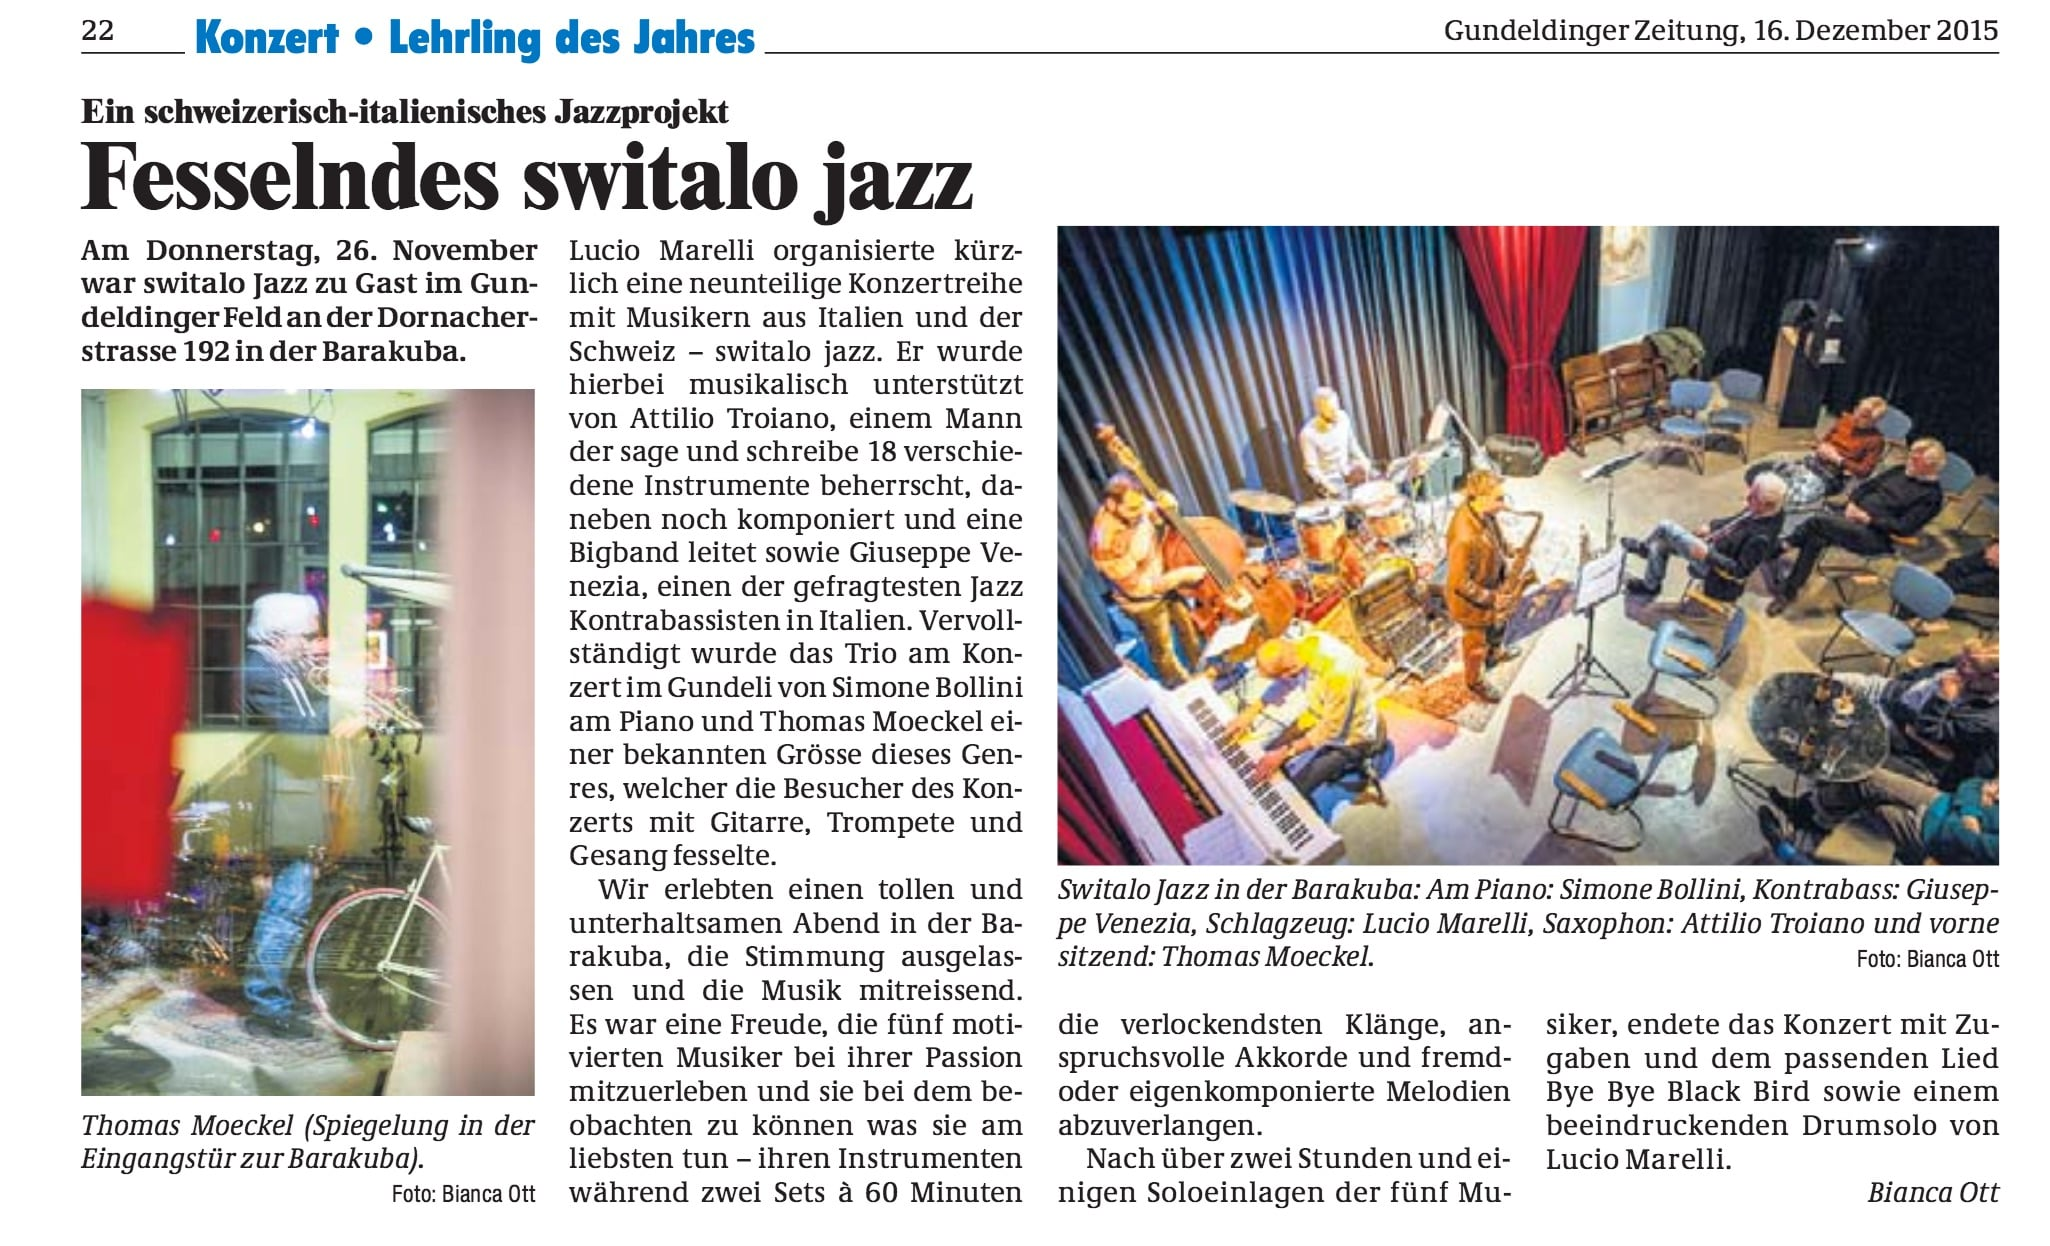 Gundeldinger Zeitung, Dez 2015